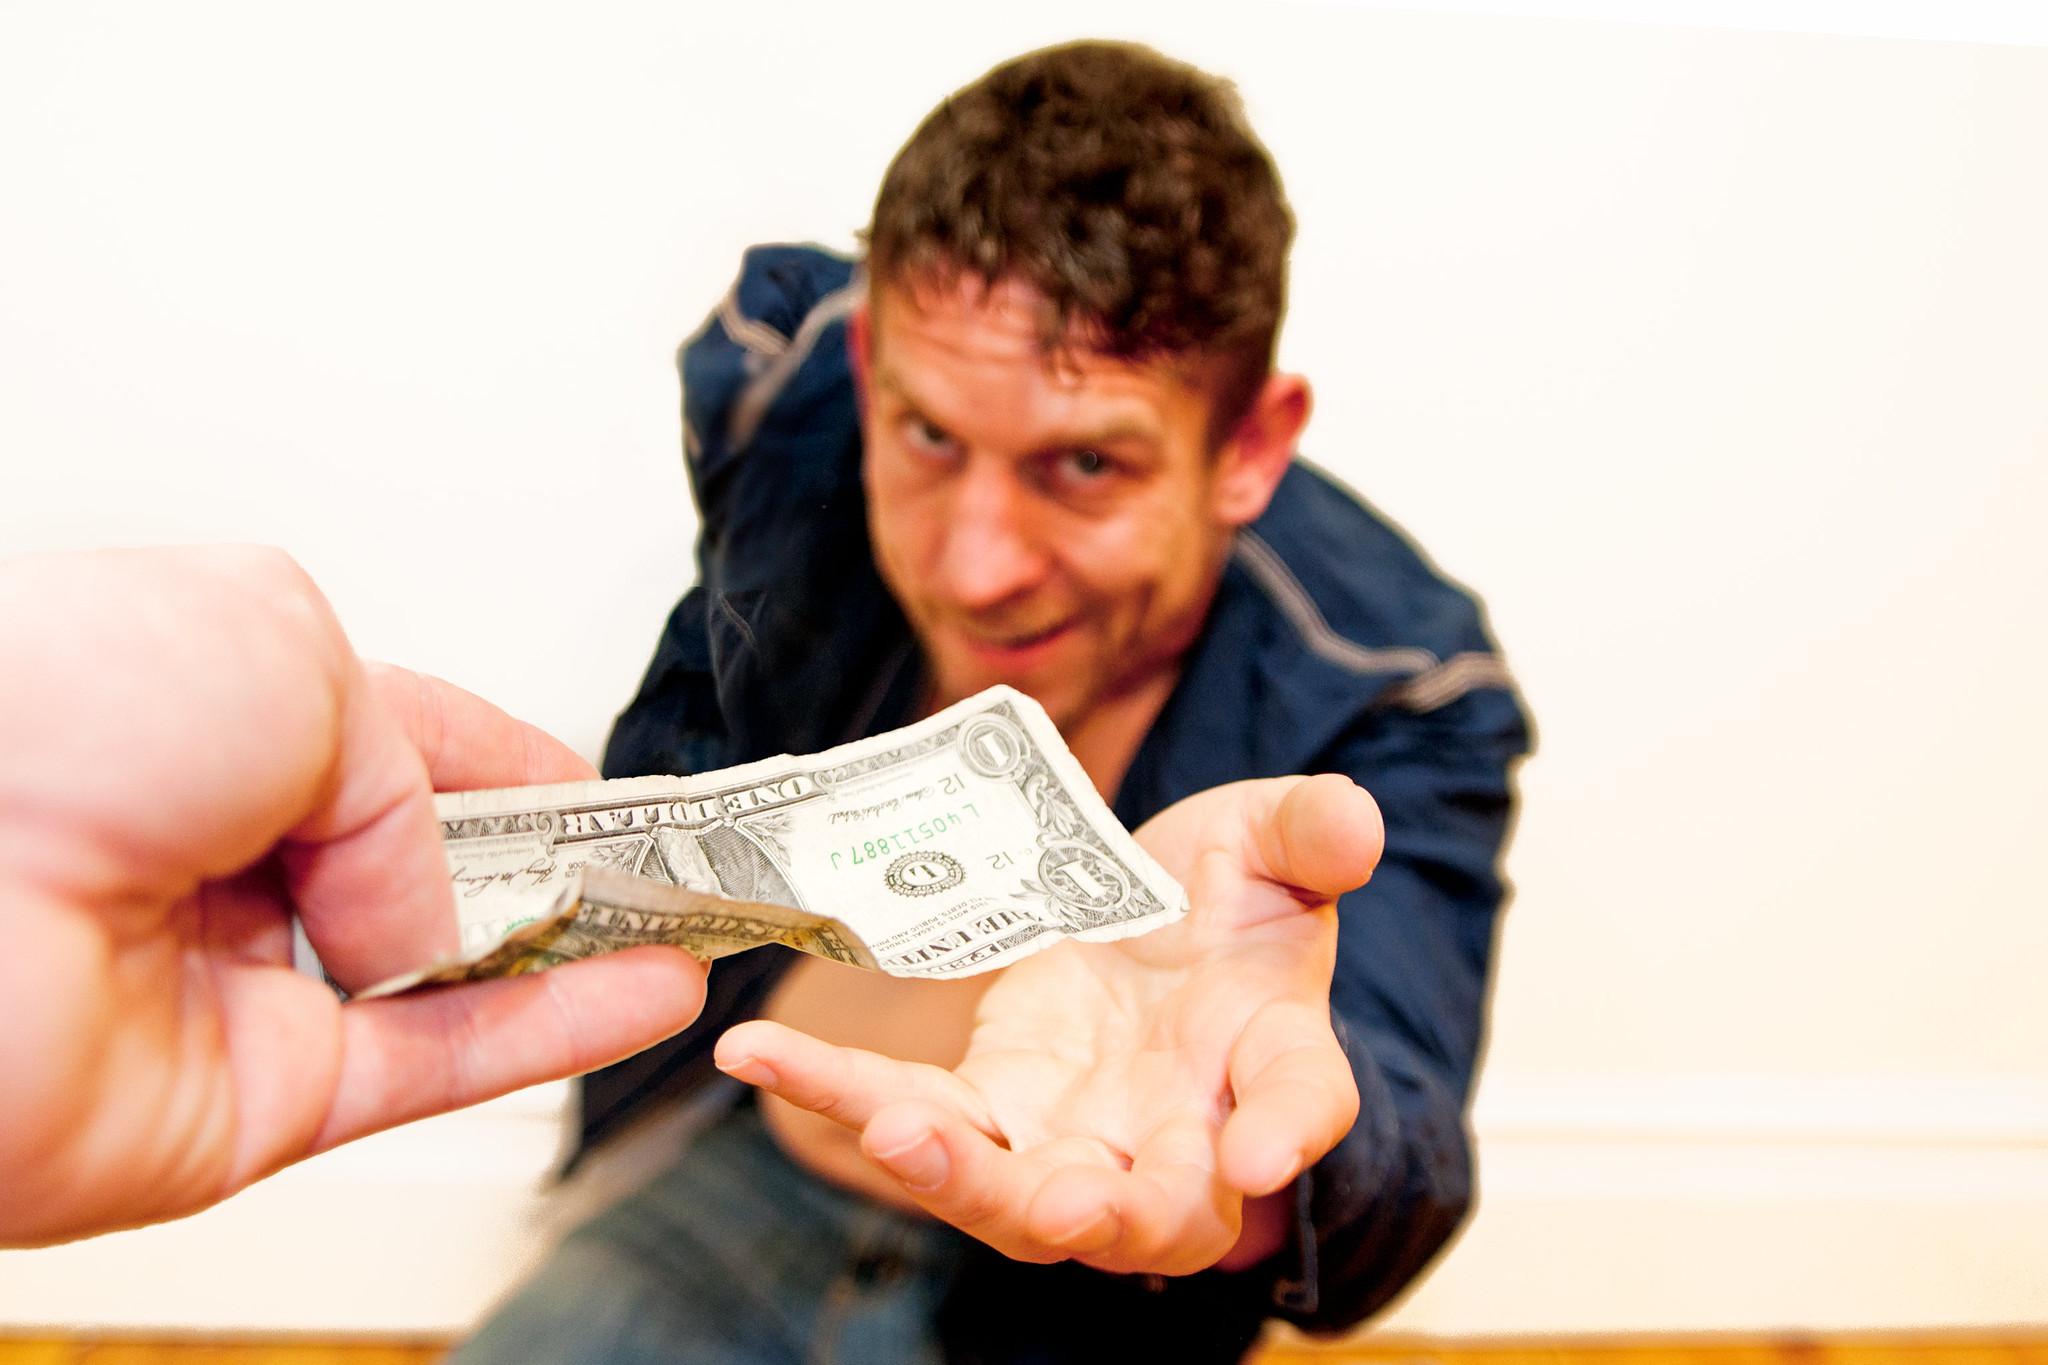 картинки просящие денег как